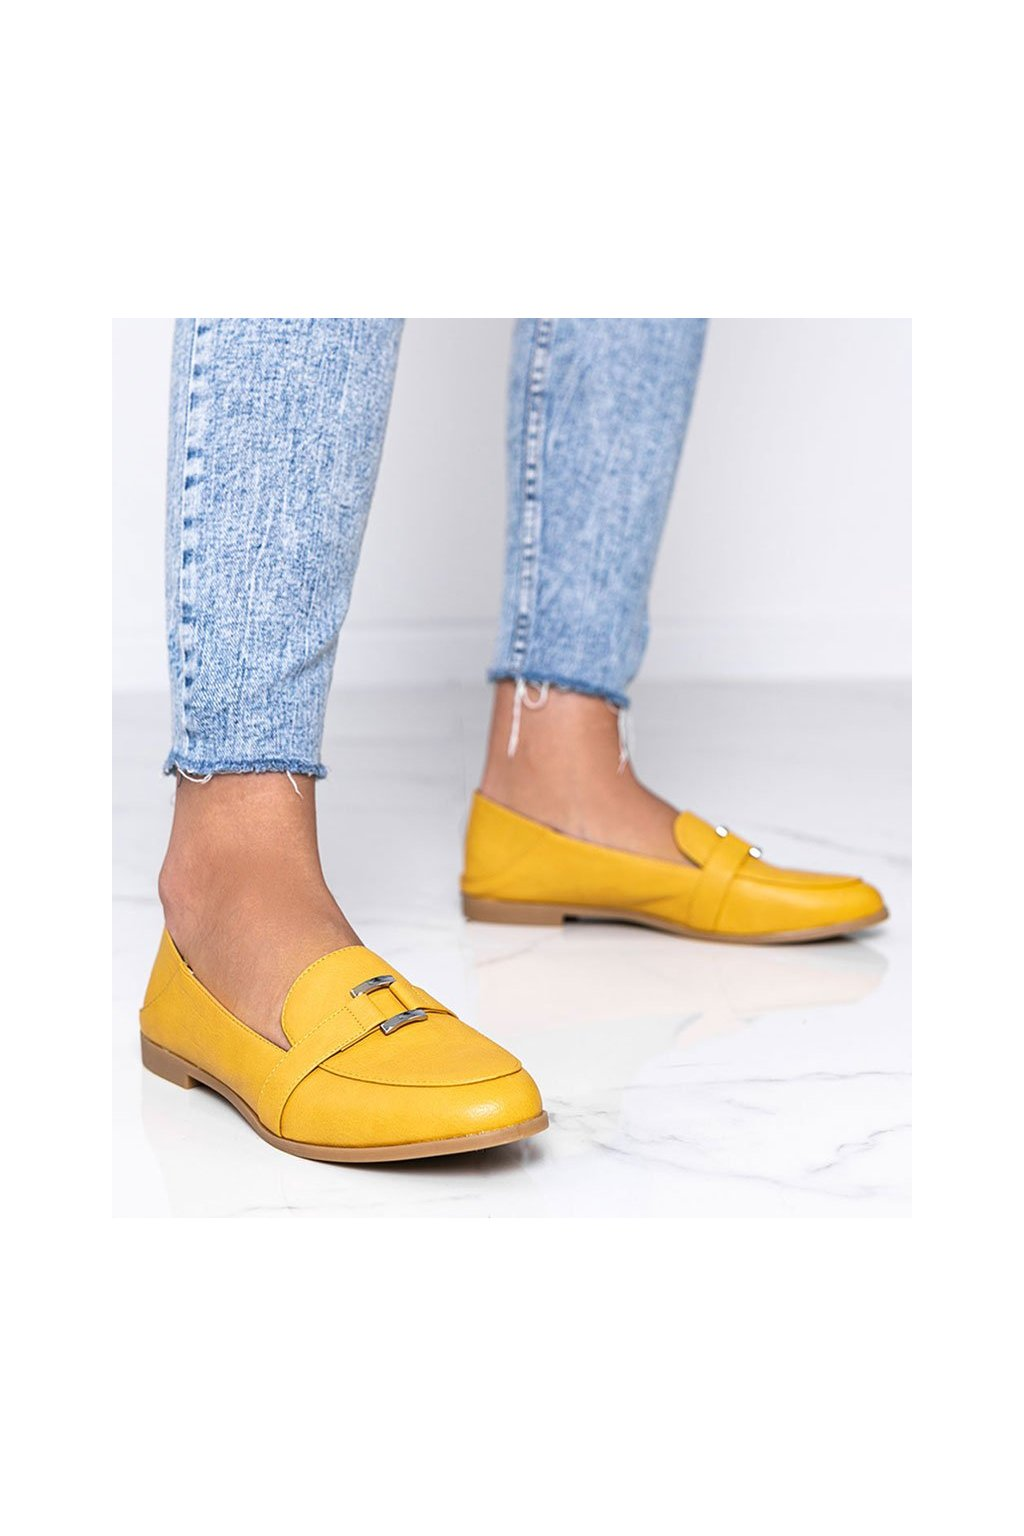 Dámske topánky mokasíny žlté kód 4585 - GM